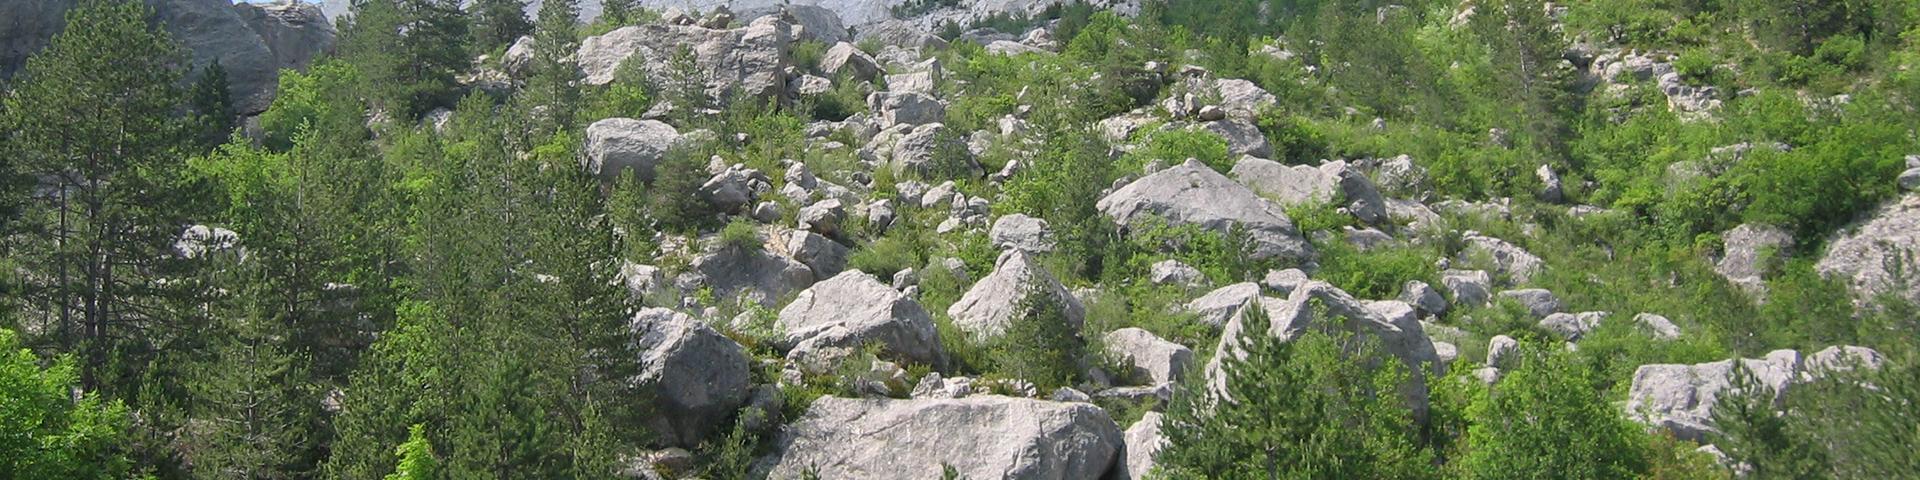 Large Holocene landslide, Drôme